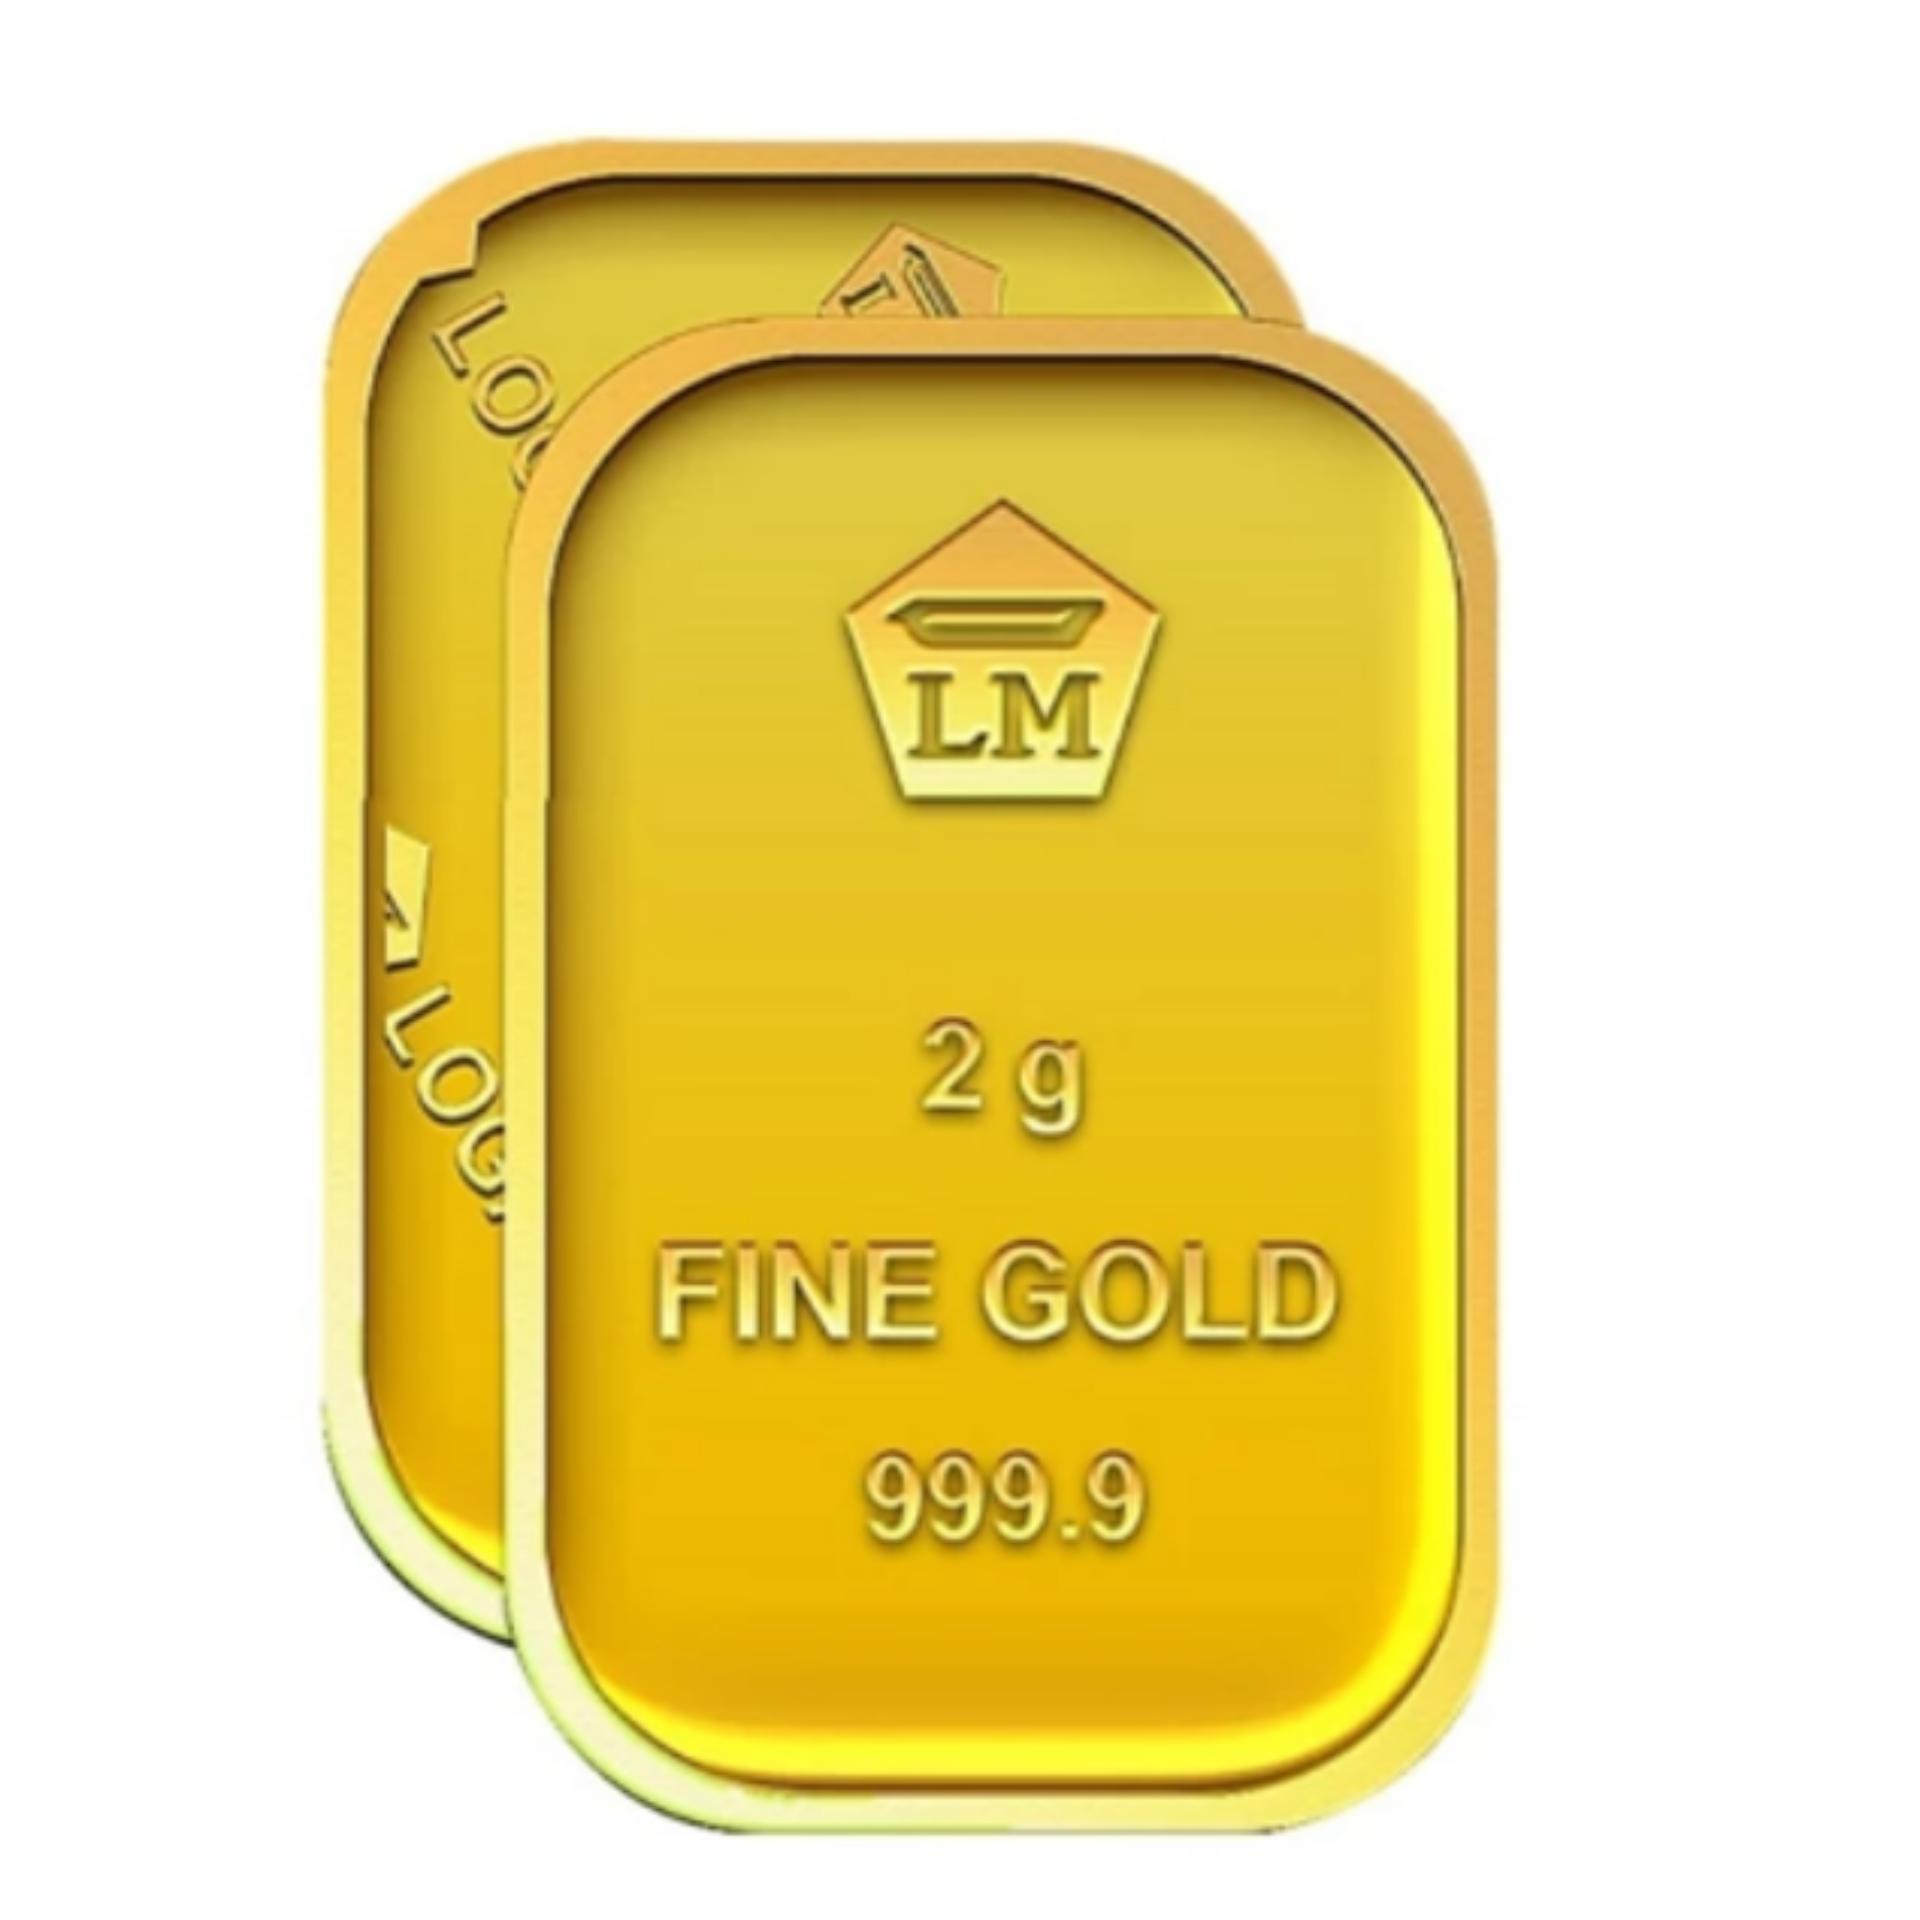 Cocok untuk investasi anda PROMO- Emas Logam Mulia 999.9 ber-Sertifikat ANTAM - free Asuransi Pengiriman - Save